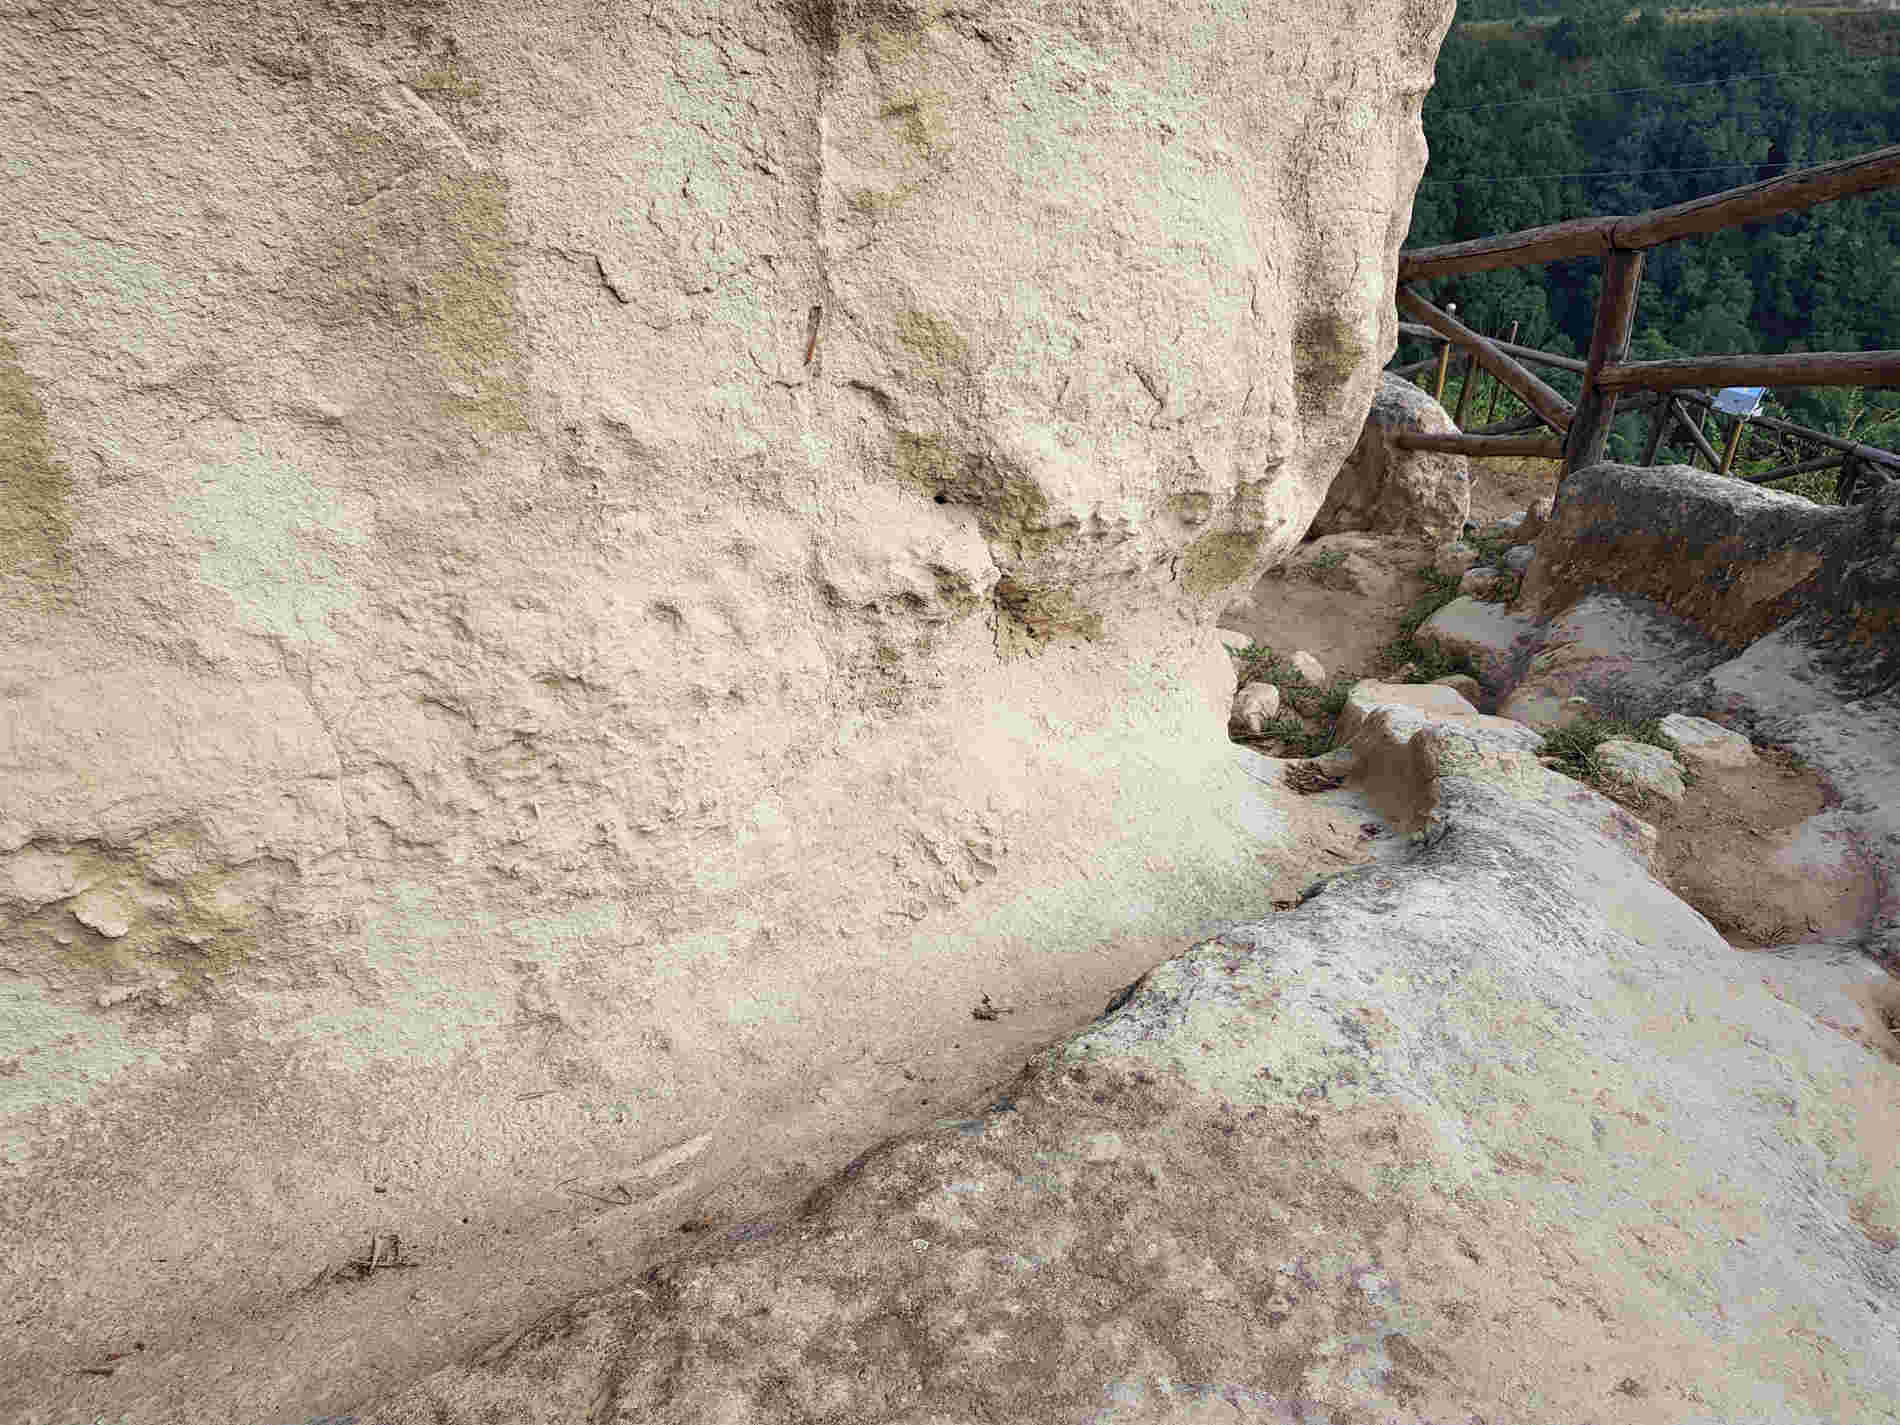 Canalette acque meteoriche nel sito delle grotte di Zungri